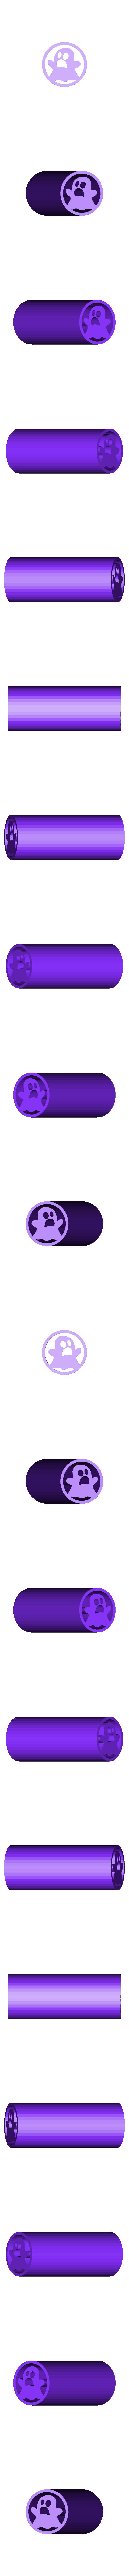 fantasma.STL Télécharger fichier STL 36 CONSEILS SUR LES FILTRES À MAUVAISES HERBES VOL.1+2+3+4 • Design pour impression 3D, SnakeCreations